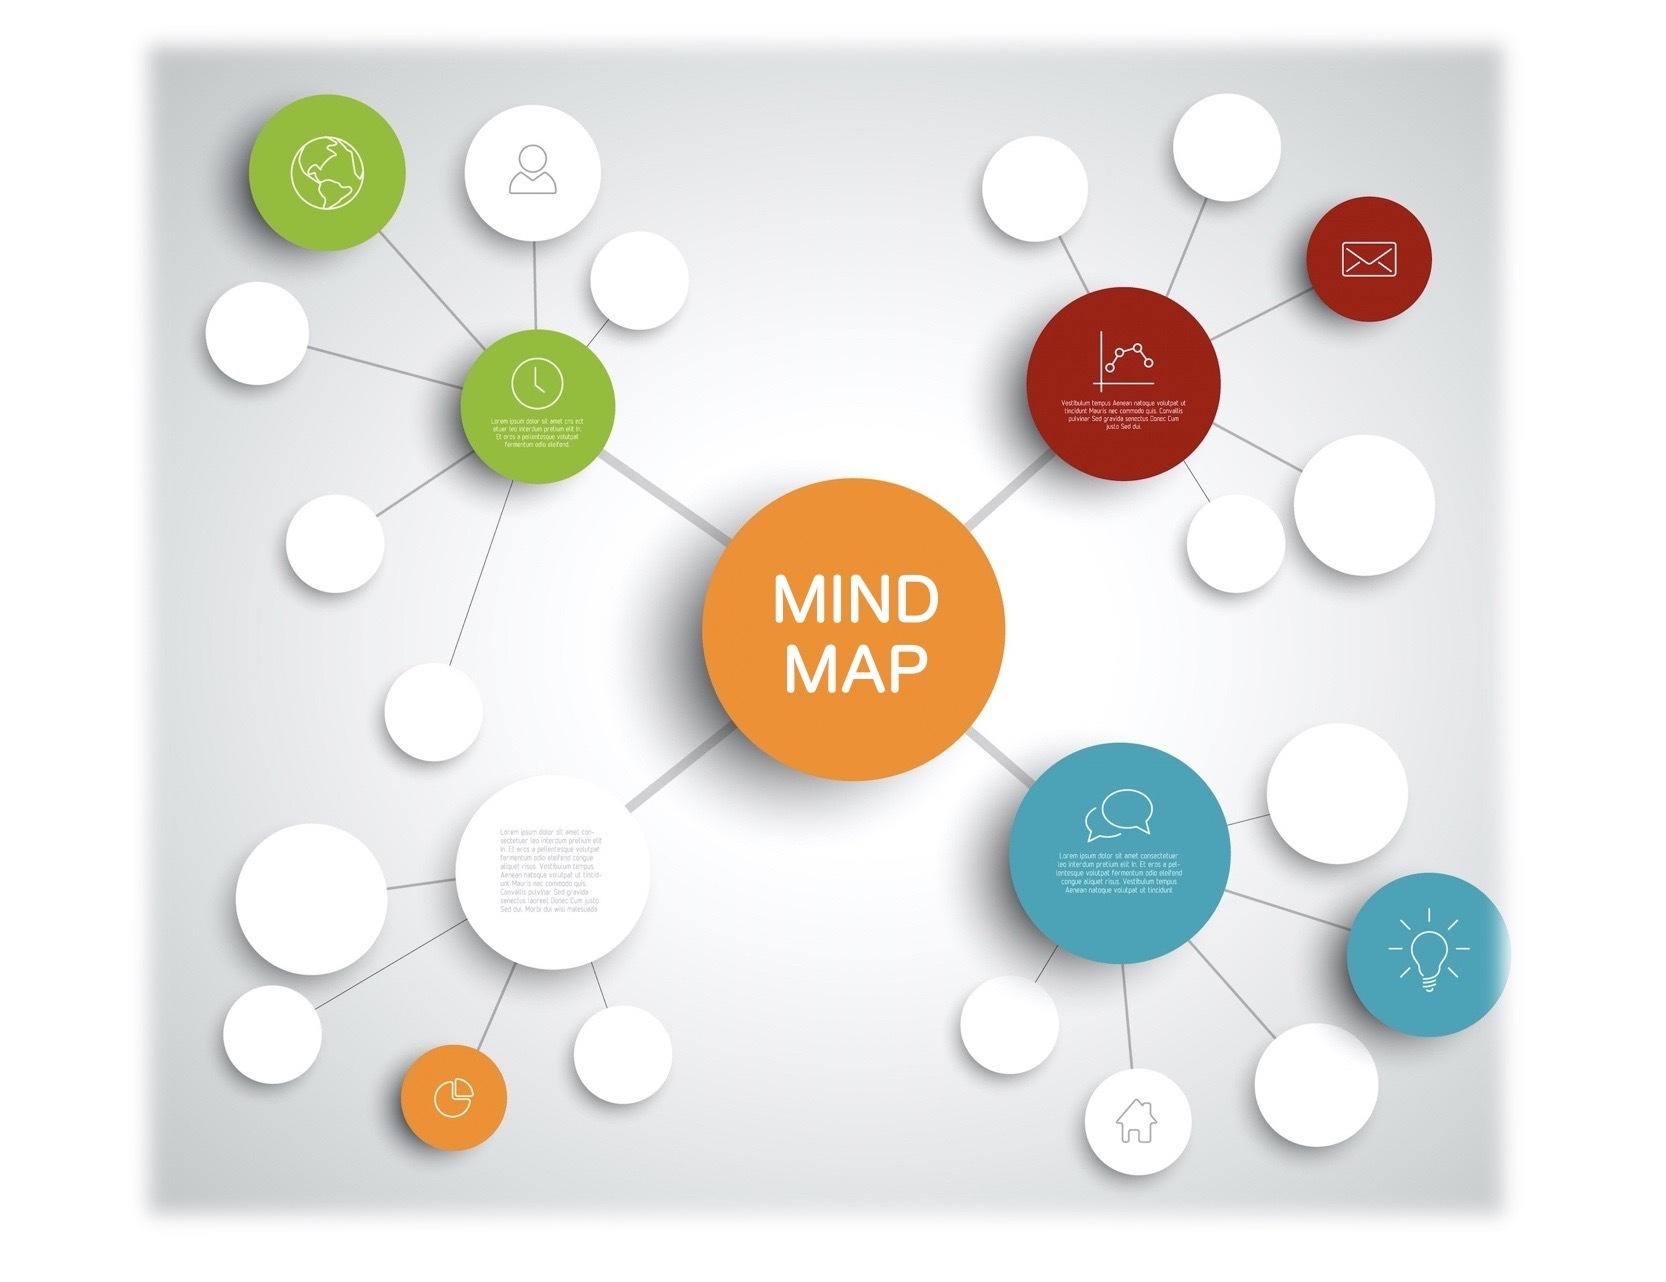 マインドマップを徹底解説 マインドマップの作成方法やオススメアプリをご紹介